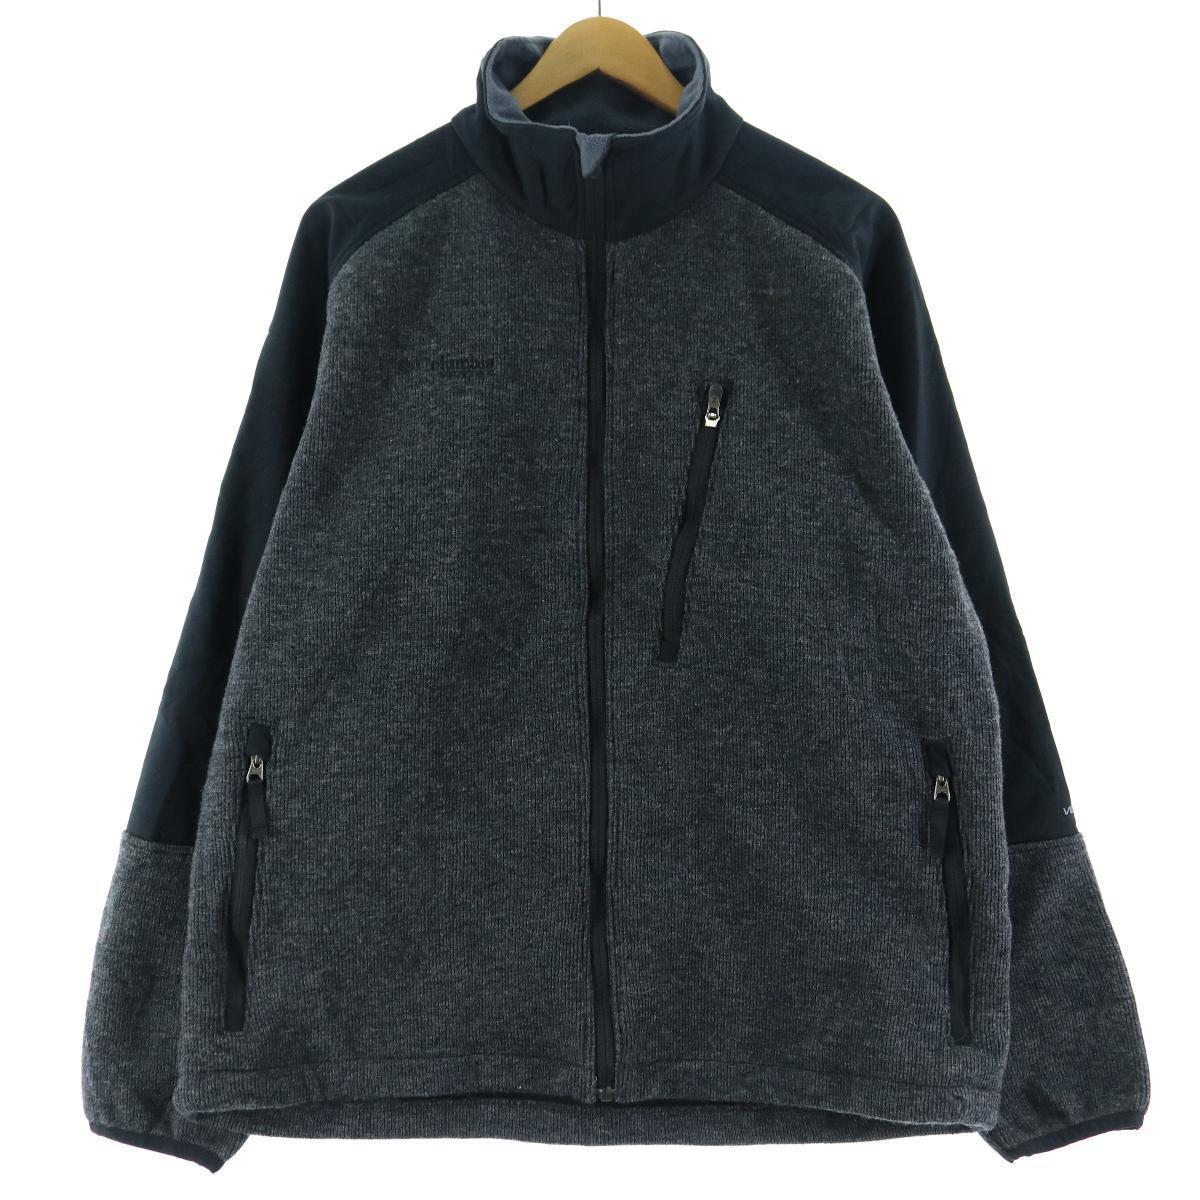 コロンビア Columbia VERTEX ウール混 ニットジャケット 新色追加して再販 中古 210111 メンズL お得クーポン発行中 eaa118544